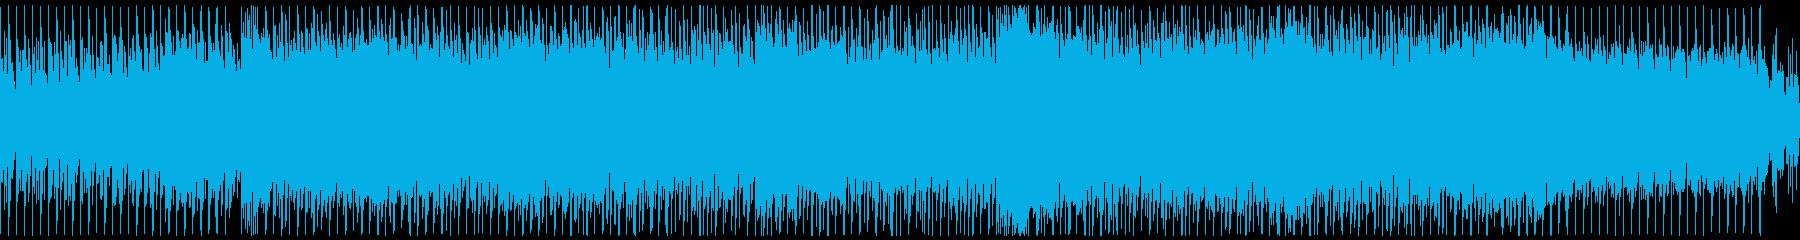 疾走感のある爽快トランス・テクノループの再生済みの波形